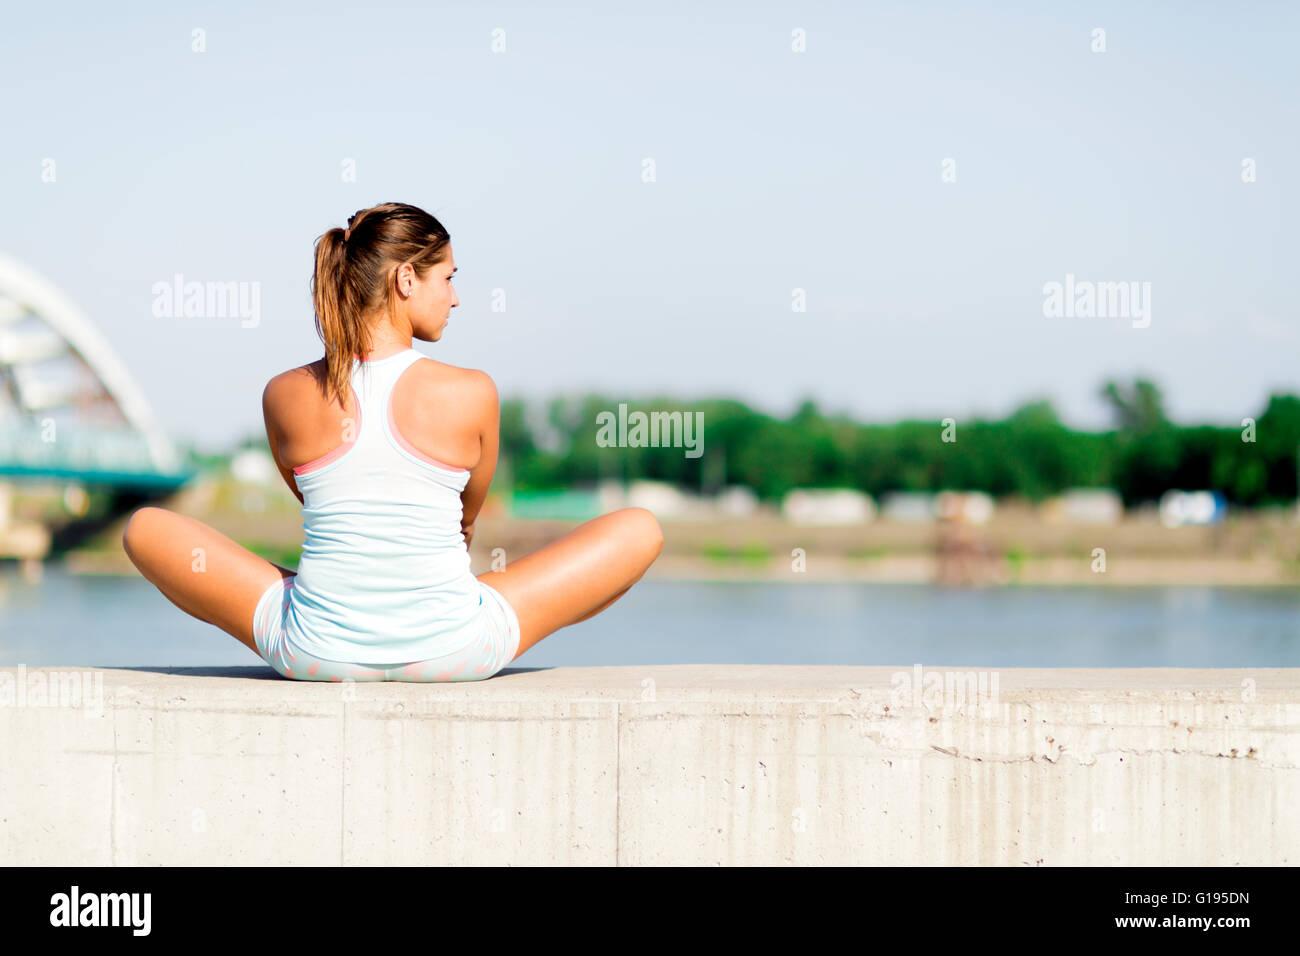 Junge Frau dehnen und entspannen in der Stadt vor dem Training Stockbild